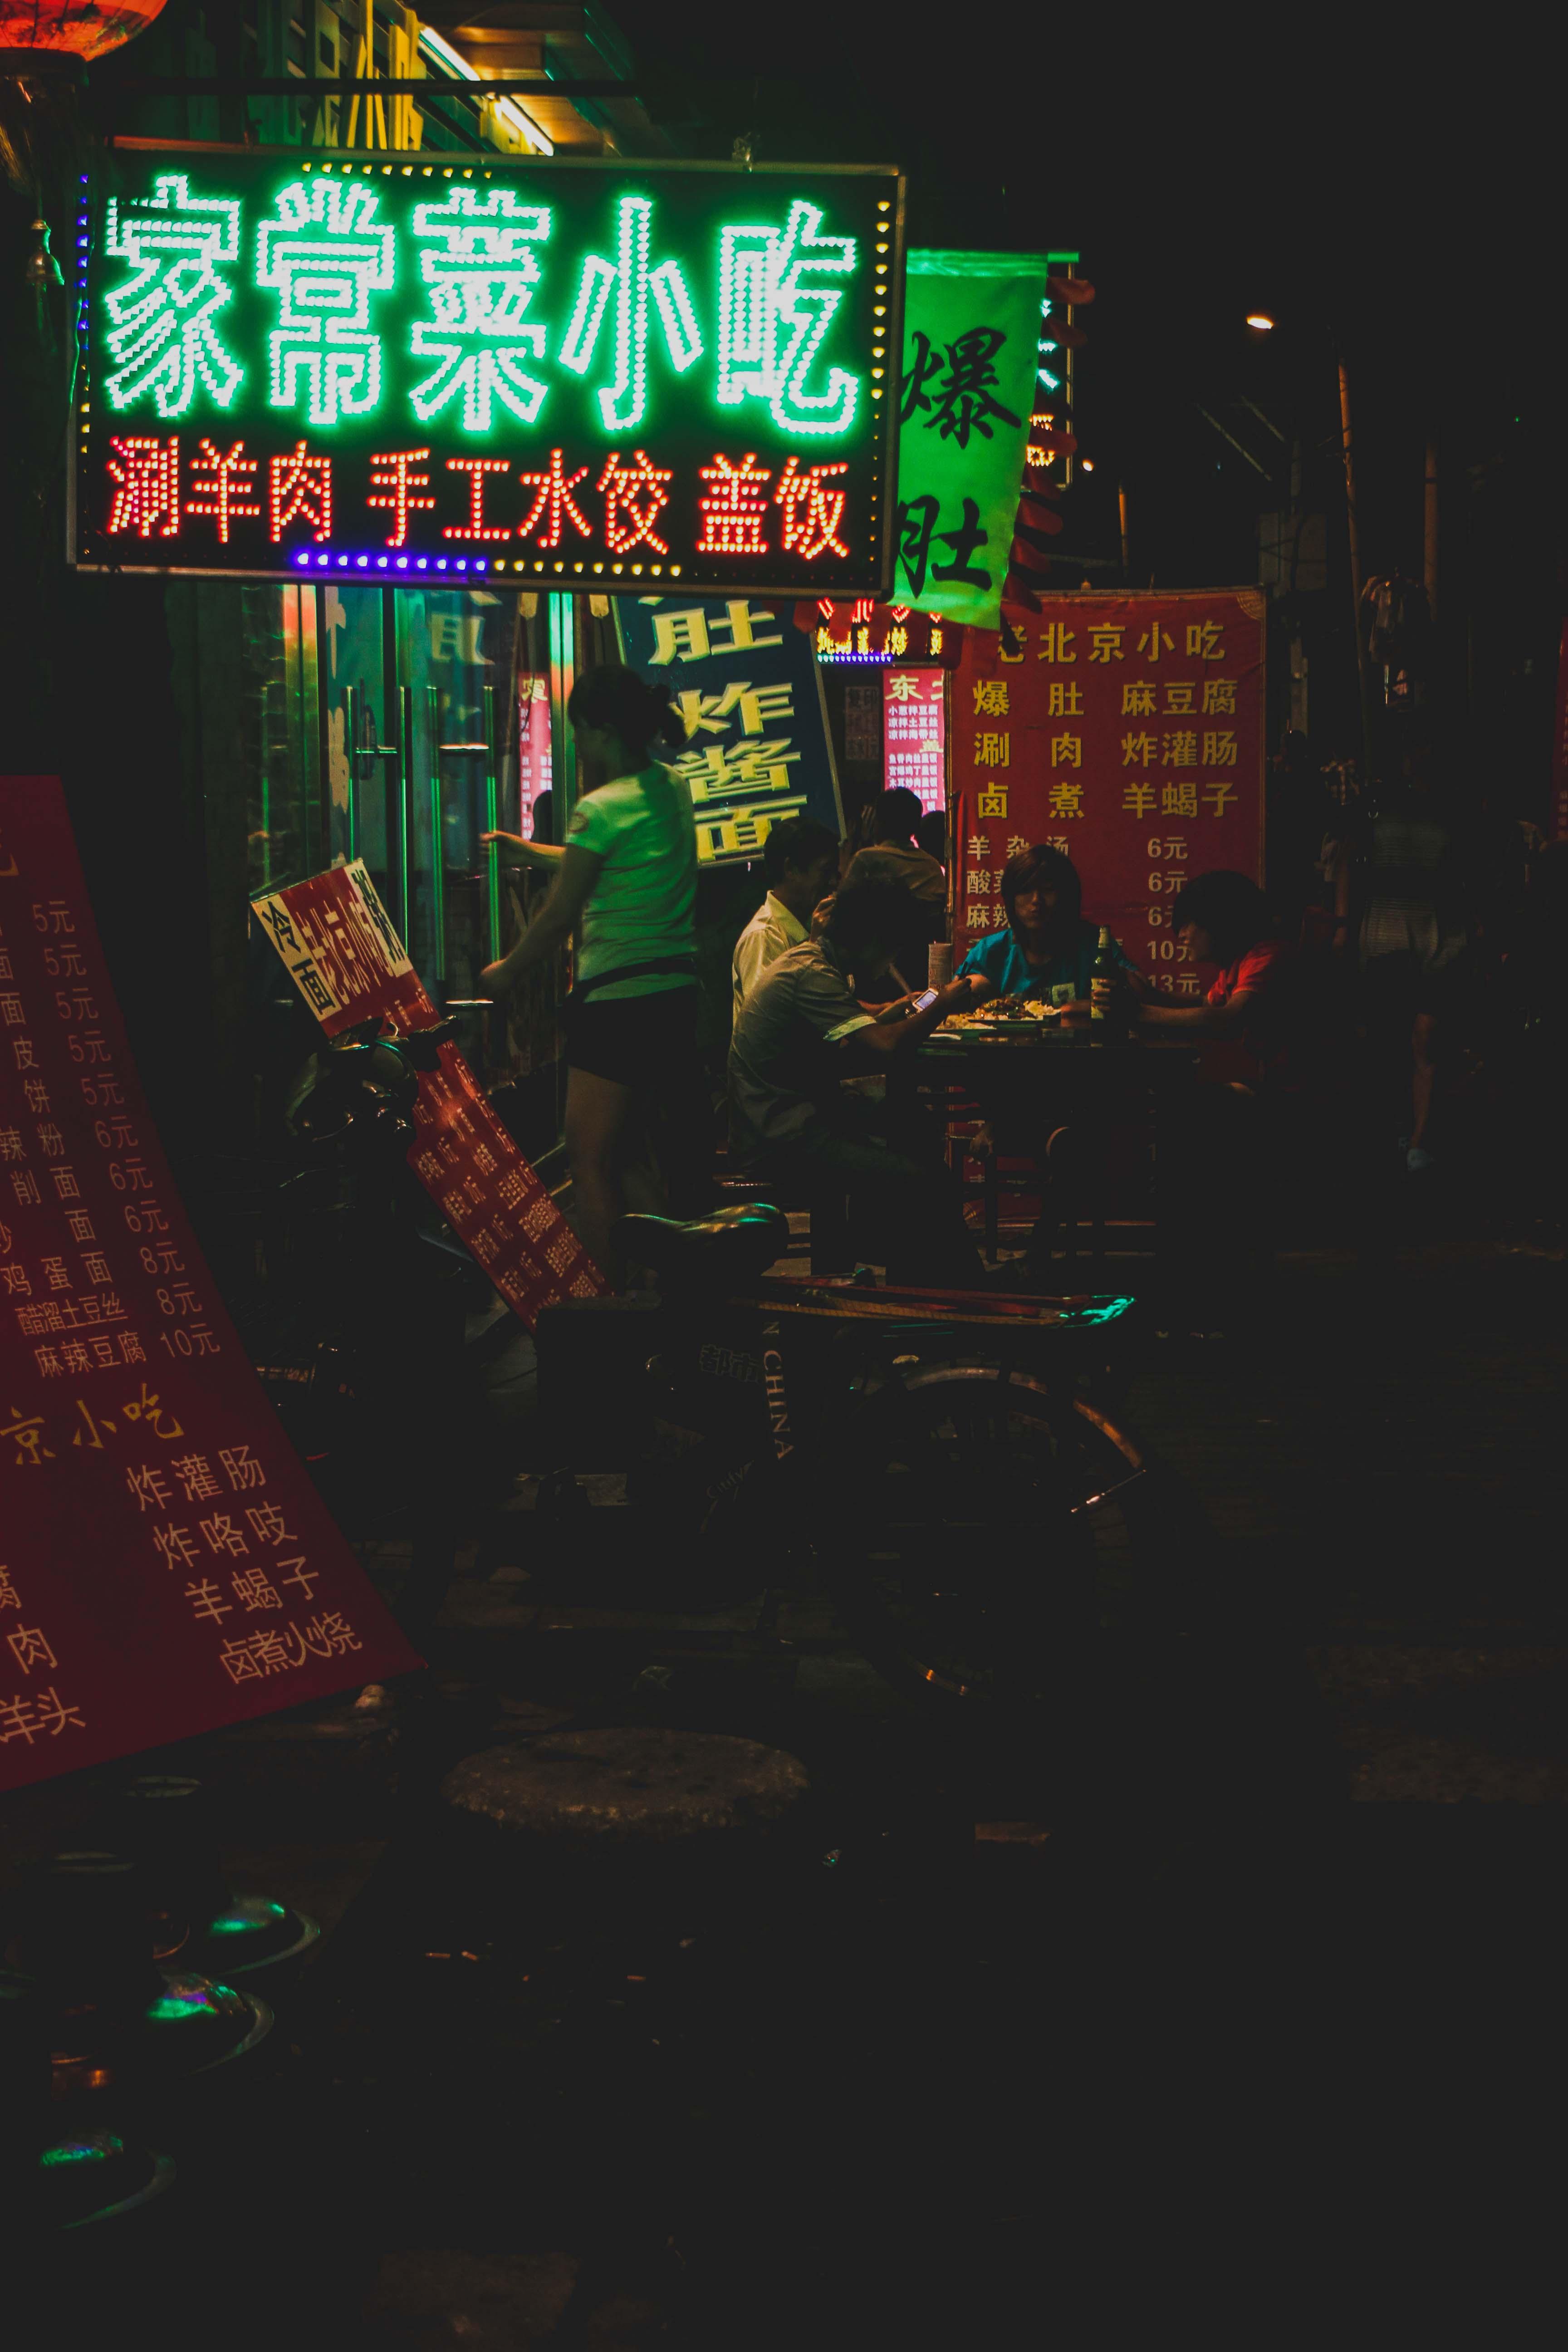 053-Xina_Blog